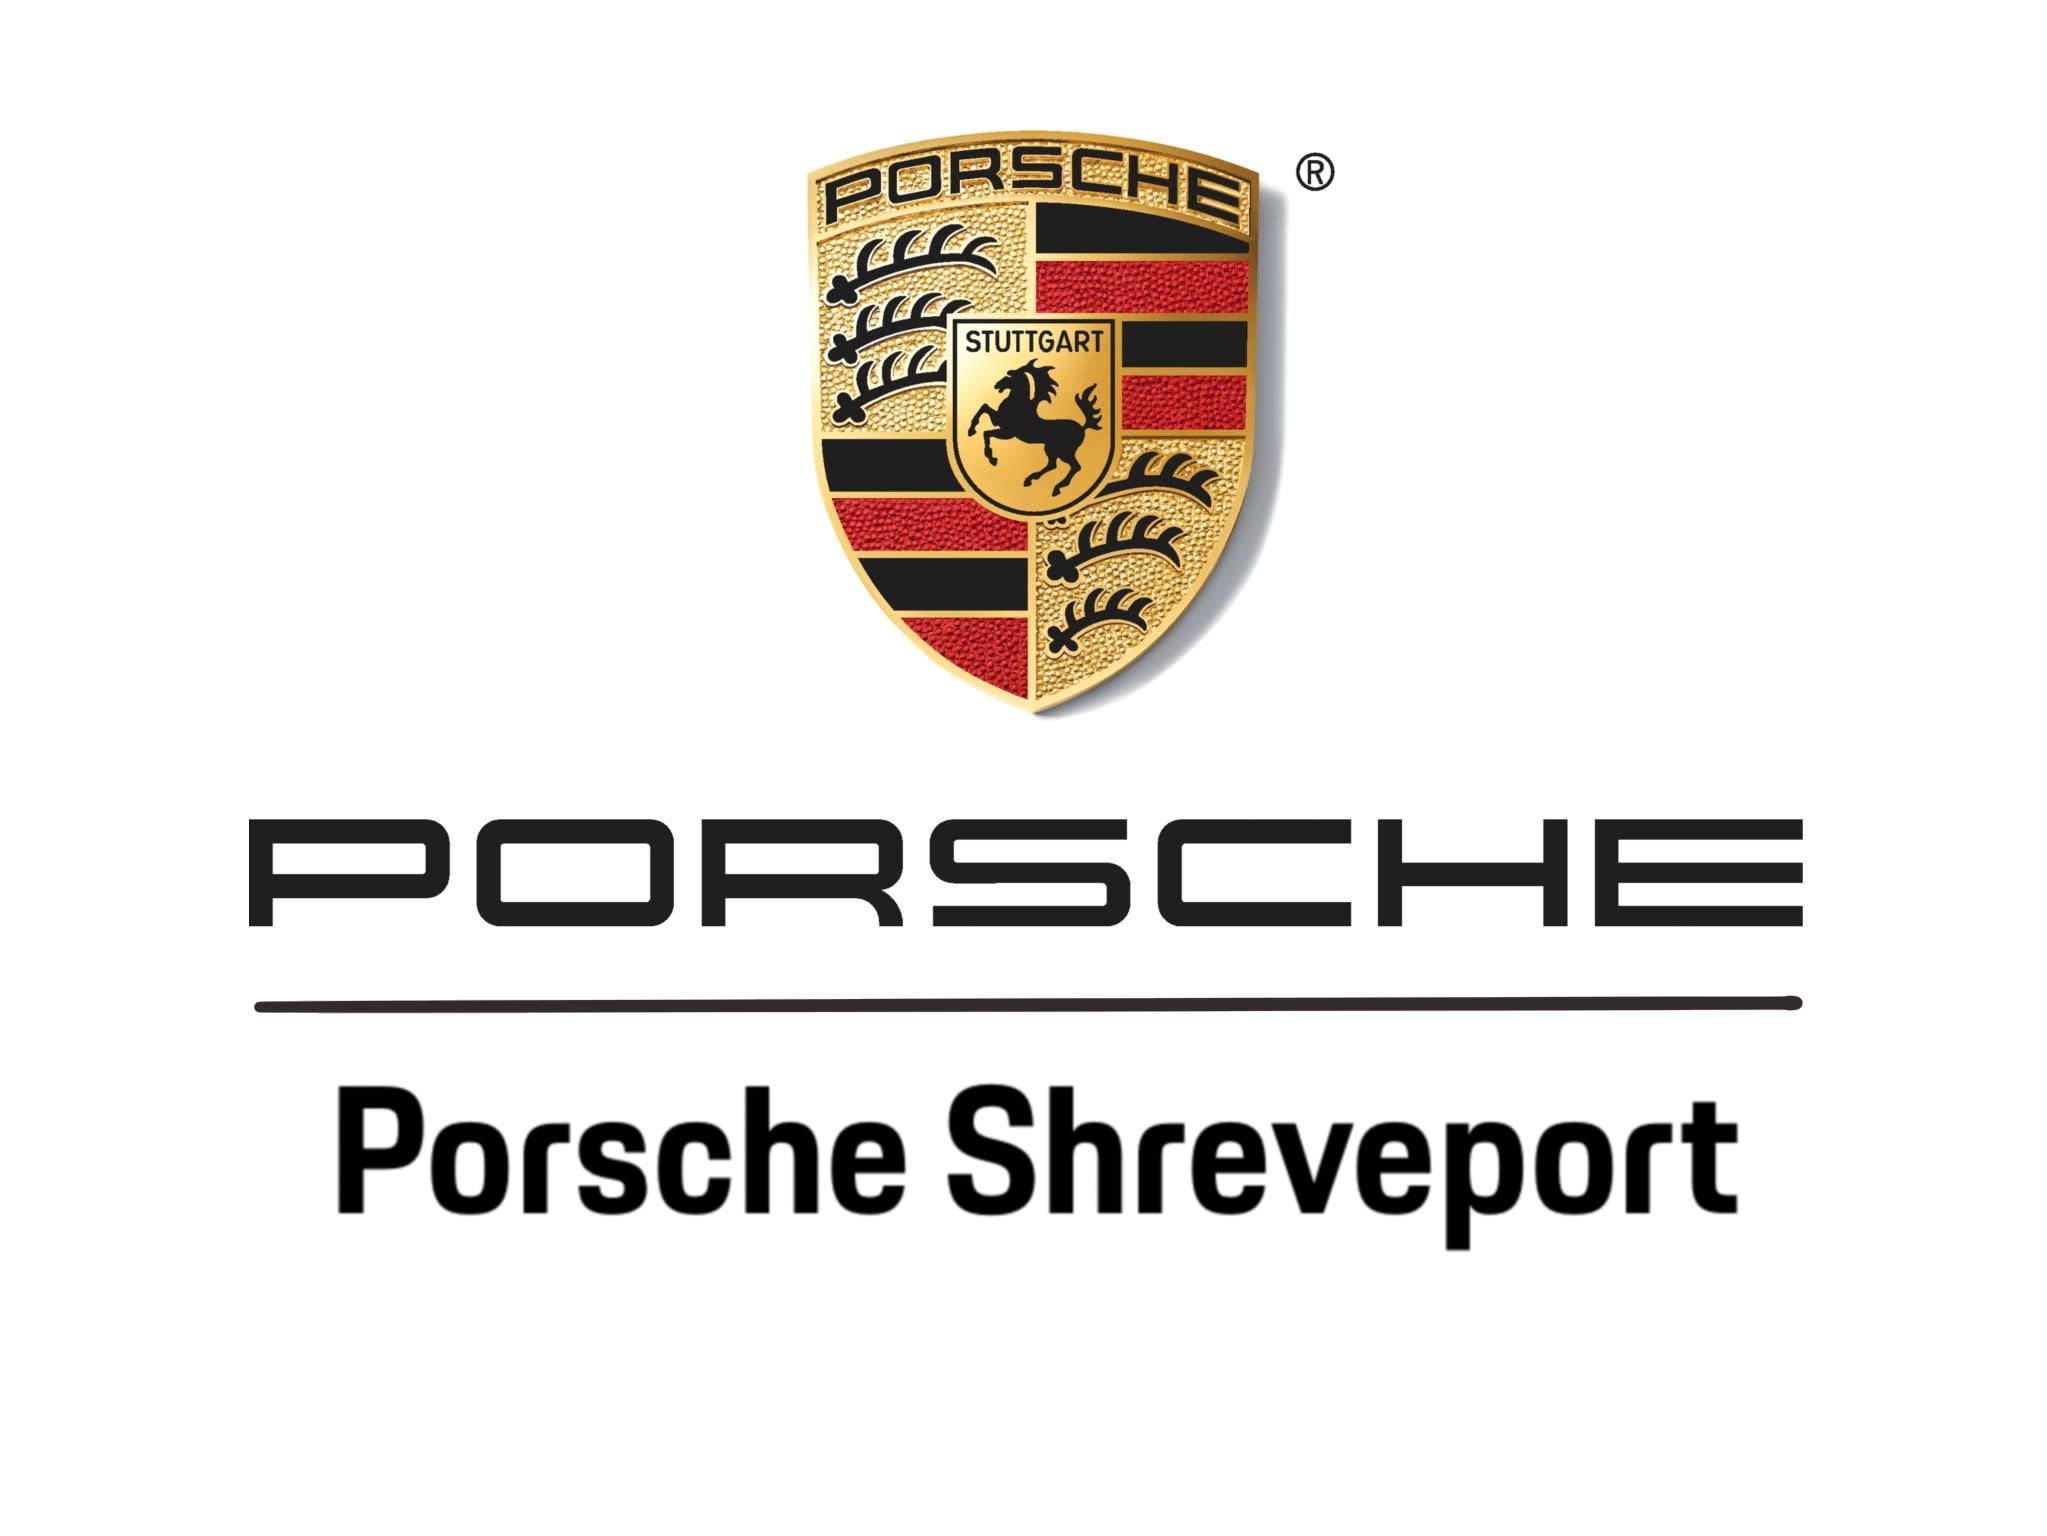 Porsche Shreveport